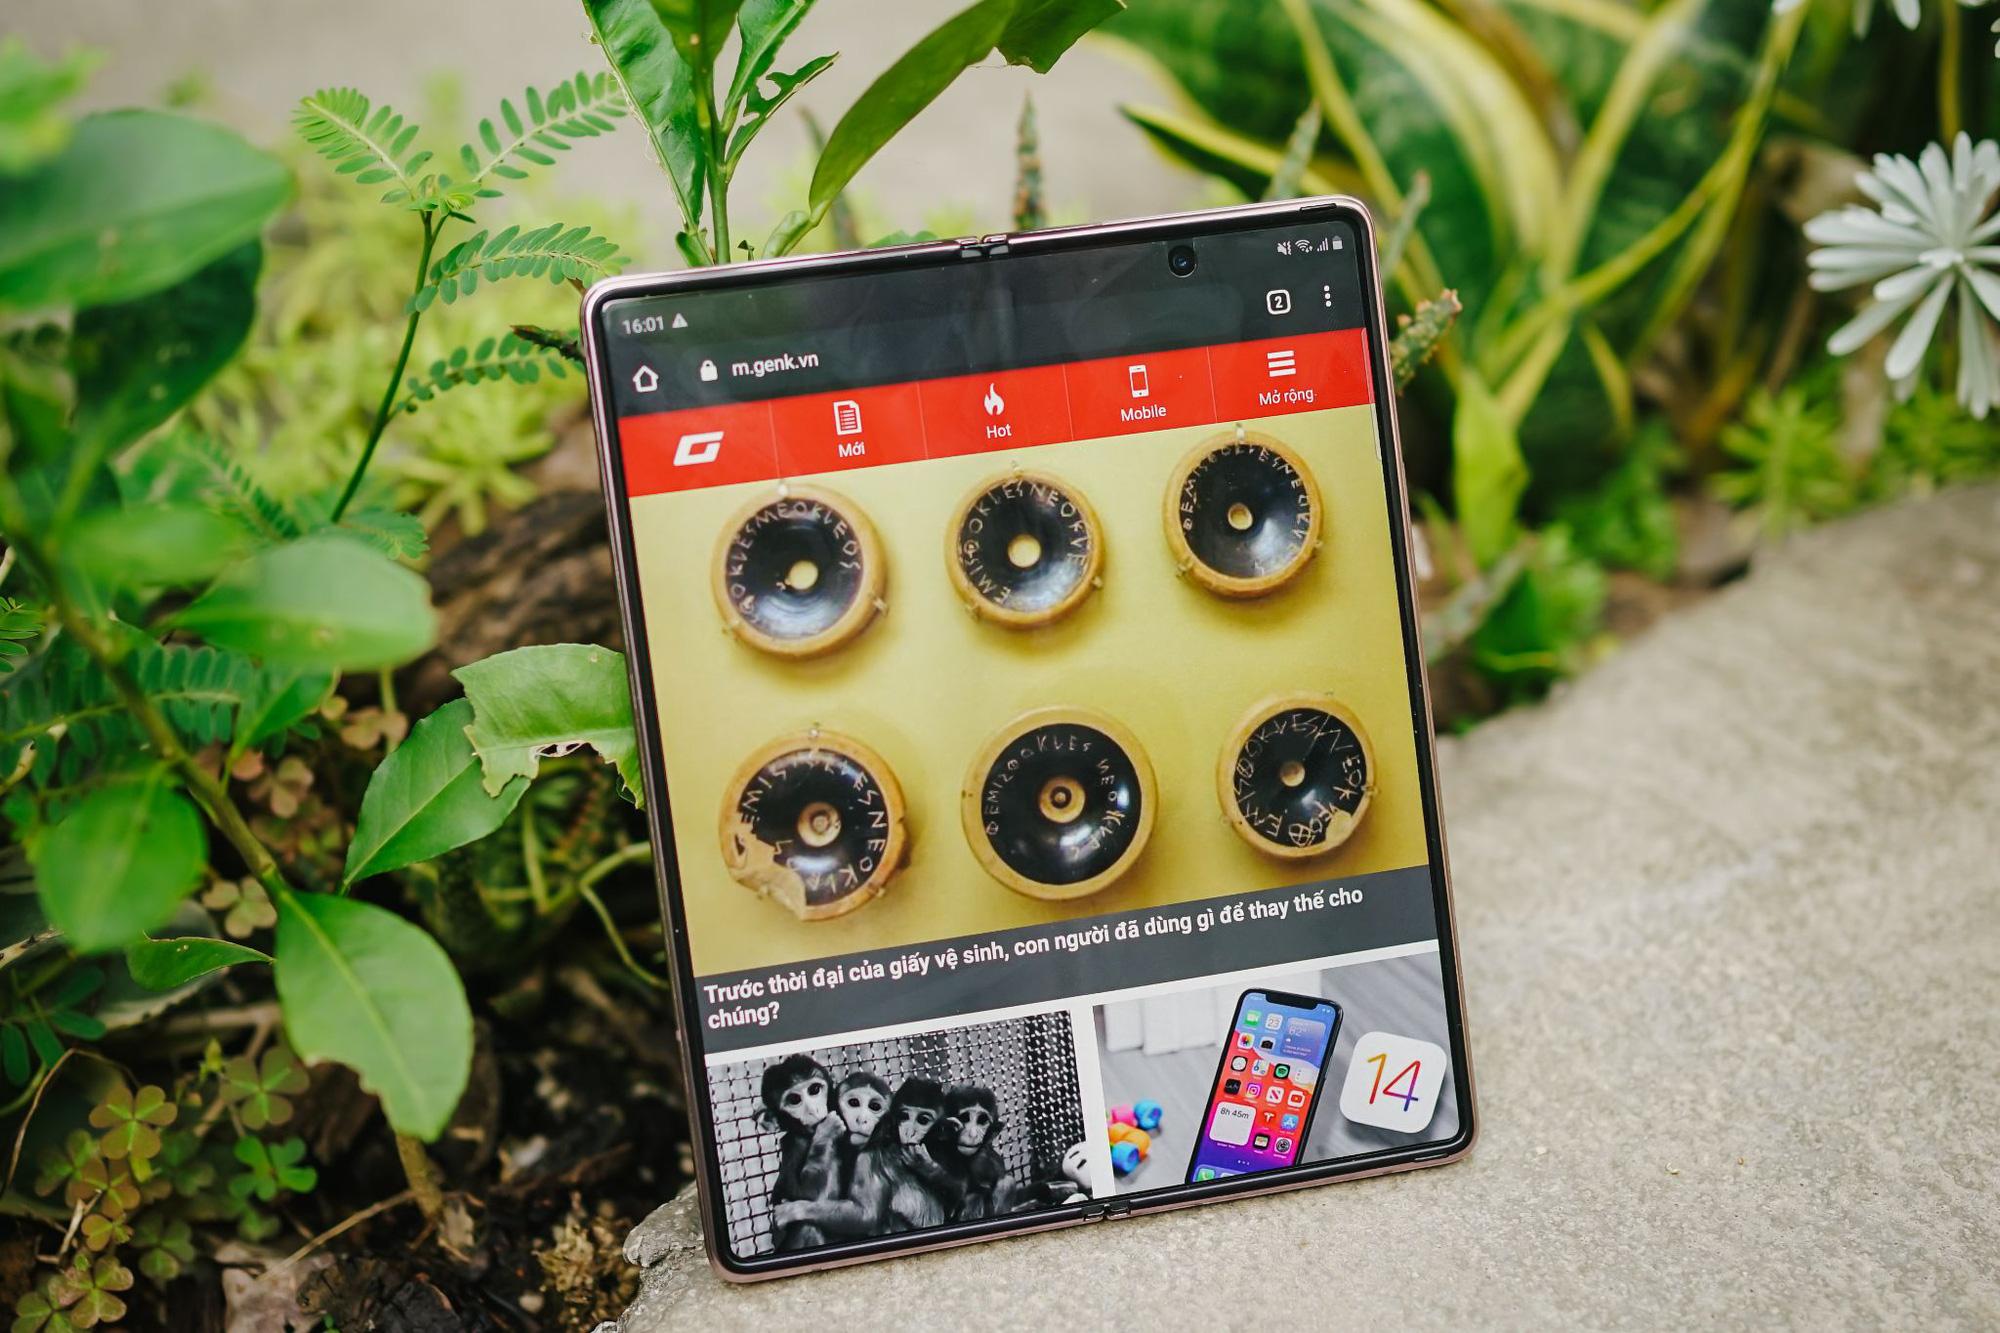 Công nghệ đặc biệt đem đến thiết kế hấp dẫn cho Galaxy Z Fold2 - Ảnh 4.